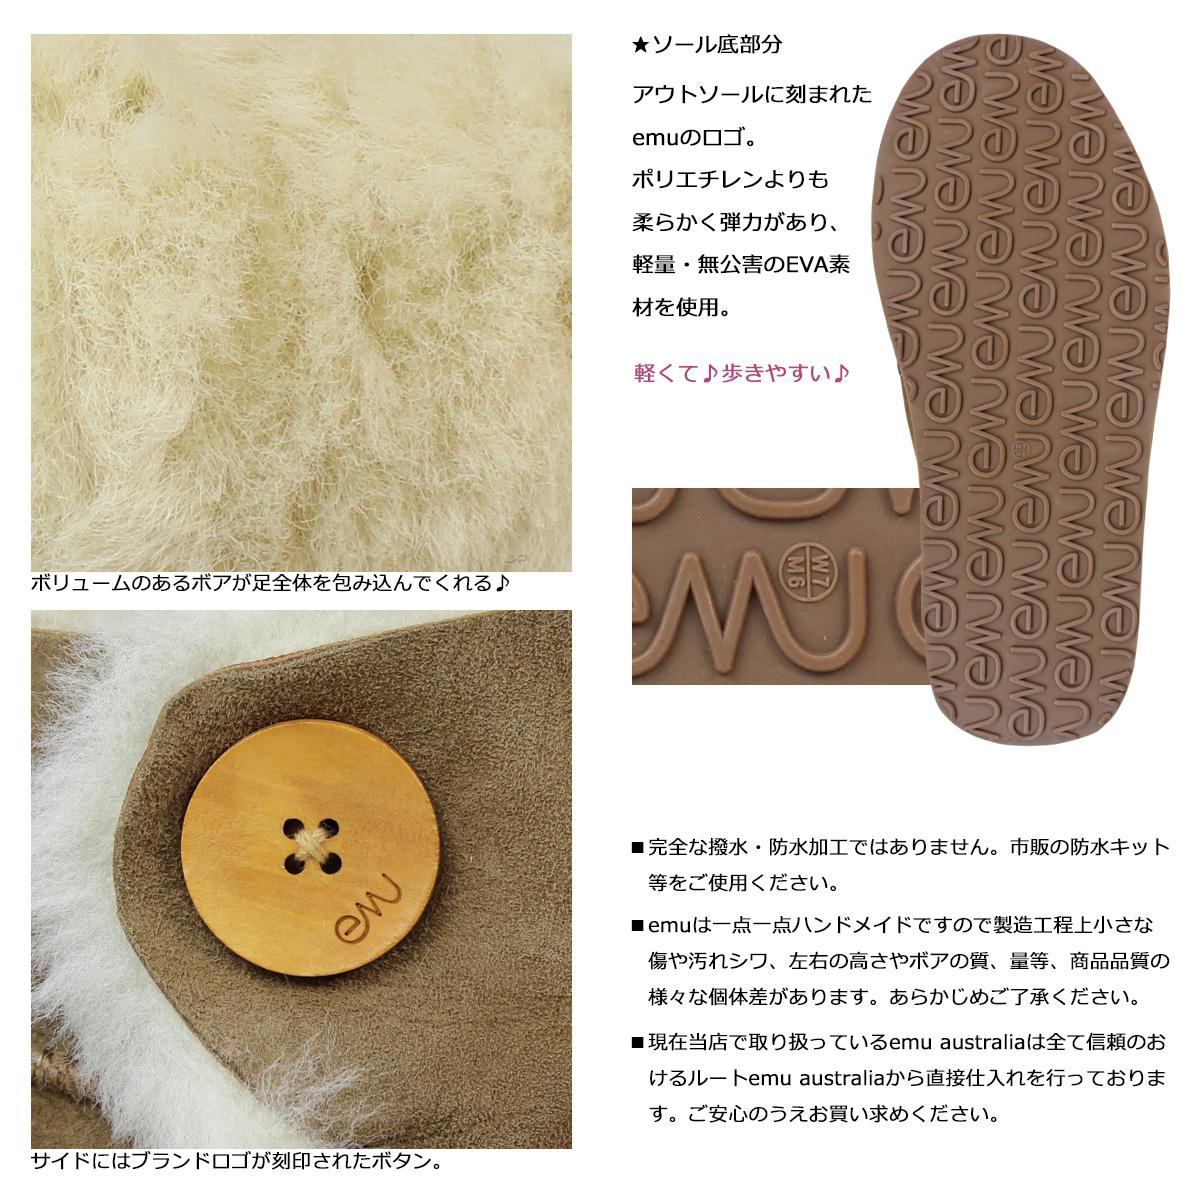 エミュー emu バレリー ミニ ムートンブーツ VALERY MINI W10951 レディース